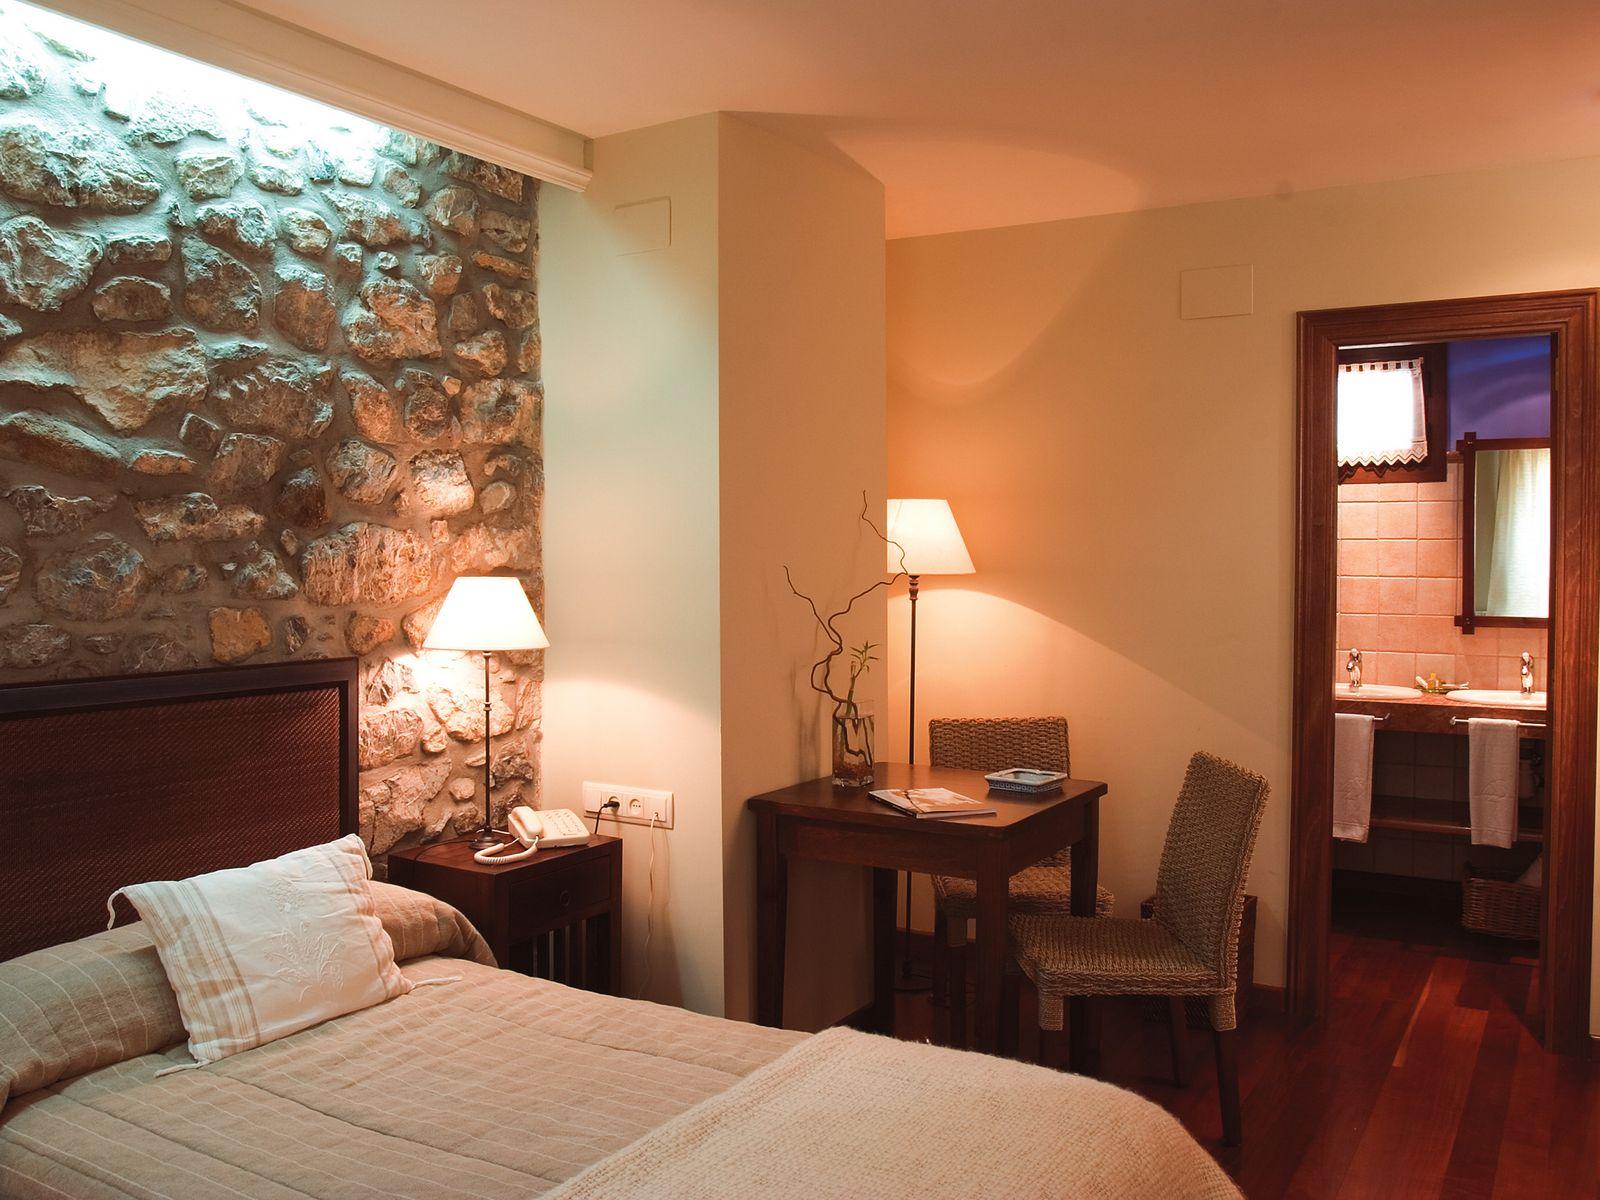 Blog hotel el privilegio habitaciones - Habitaciones abuhardilladas ...